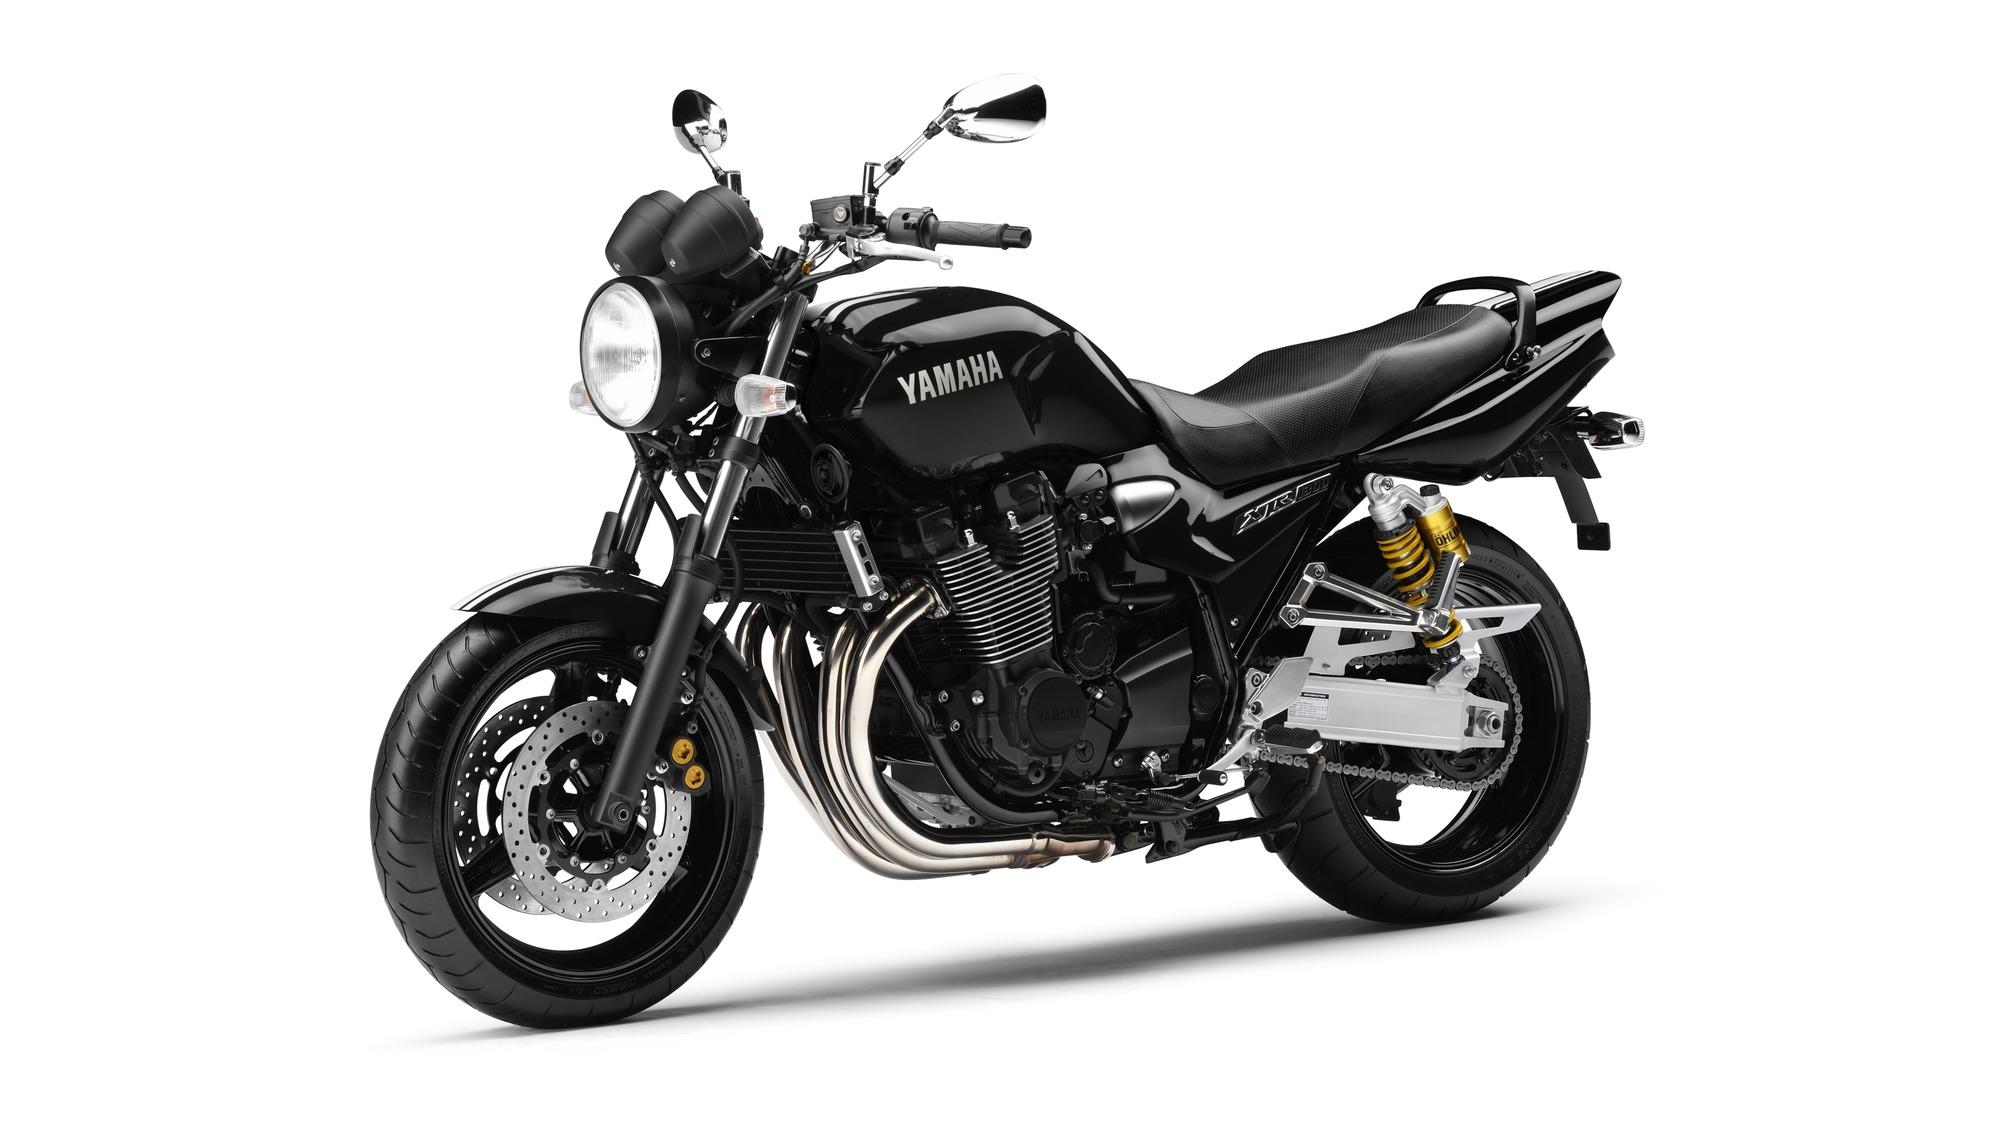 Yamaha XJR 1300 Gauche